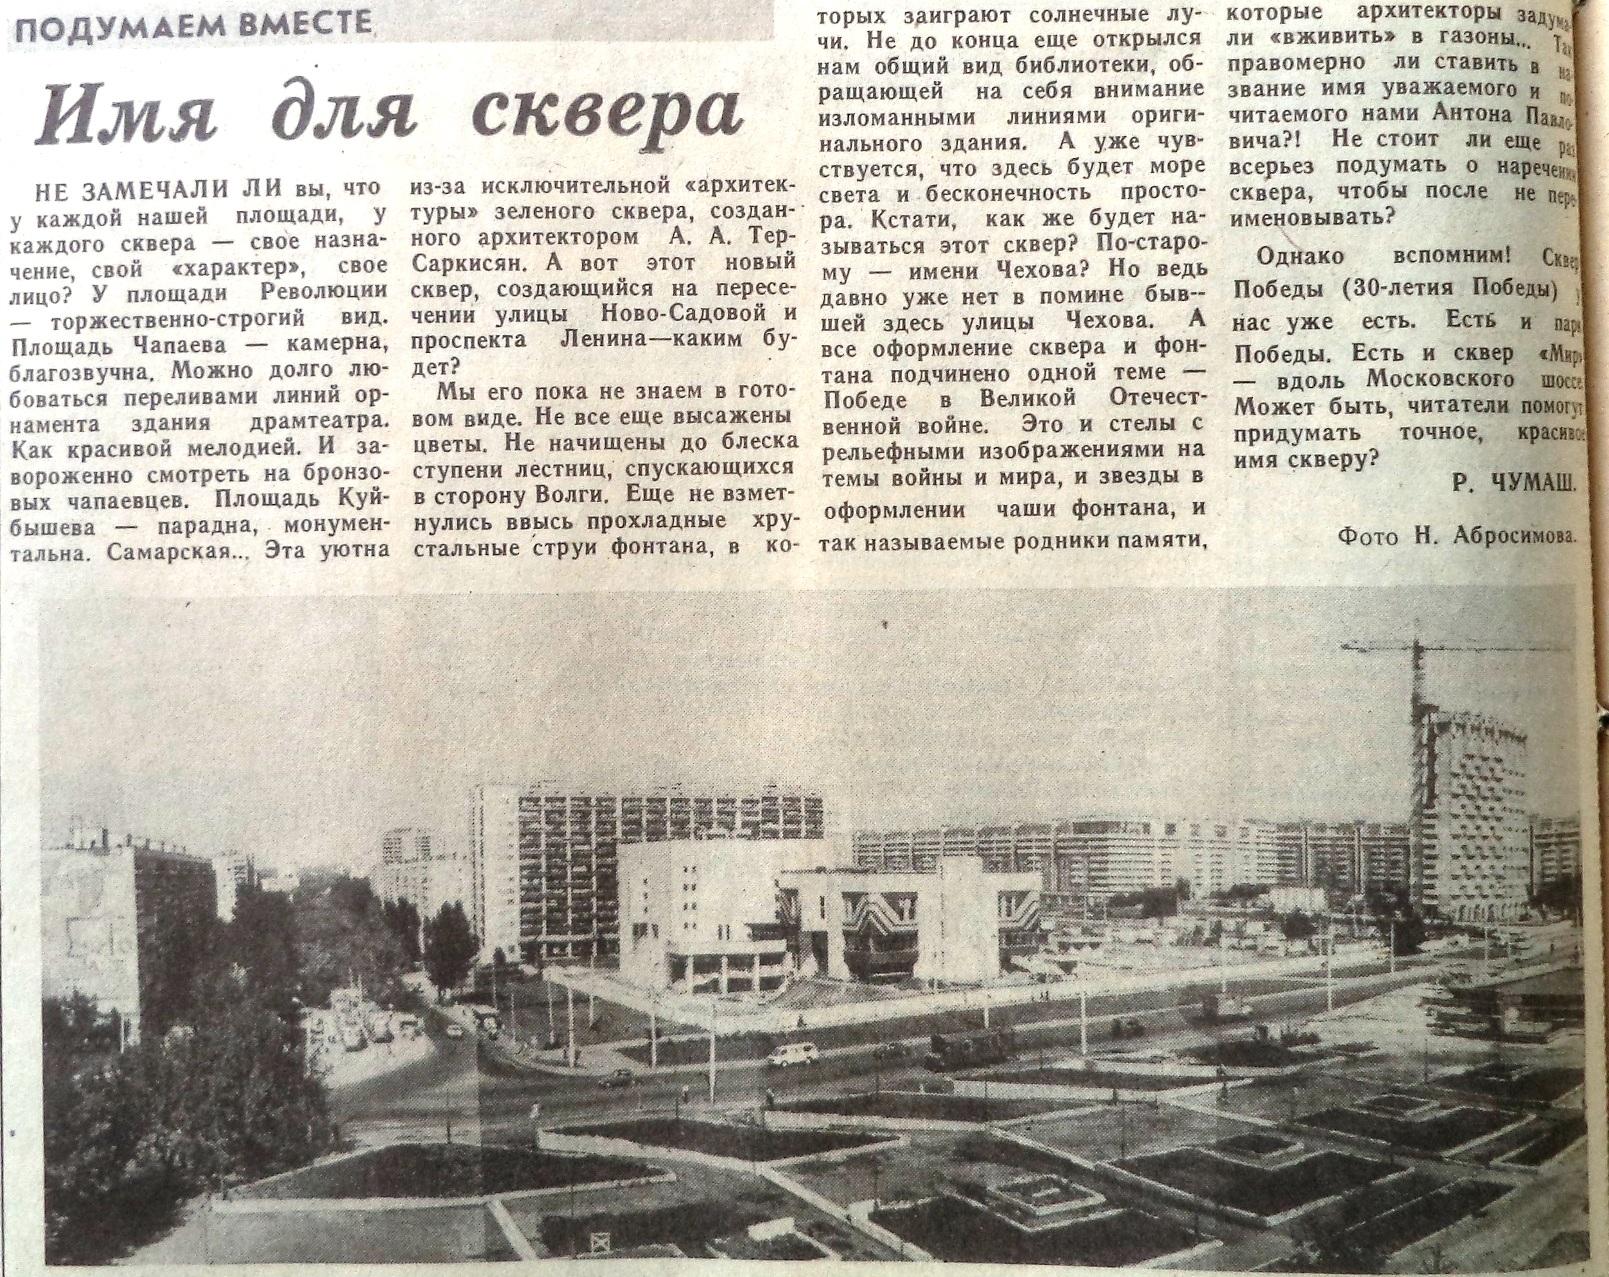 ФОТО-45-Ленина-ВЗя-1988-08-06-фото Осип.-НС